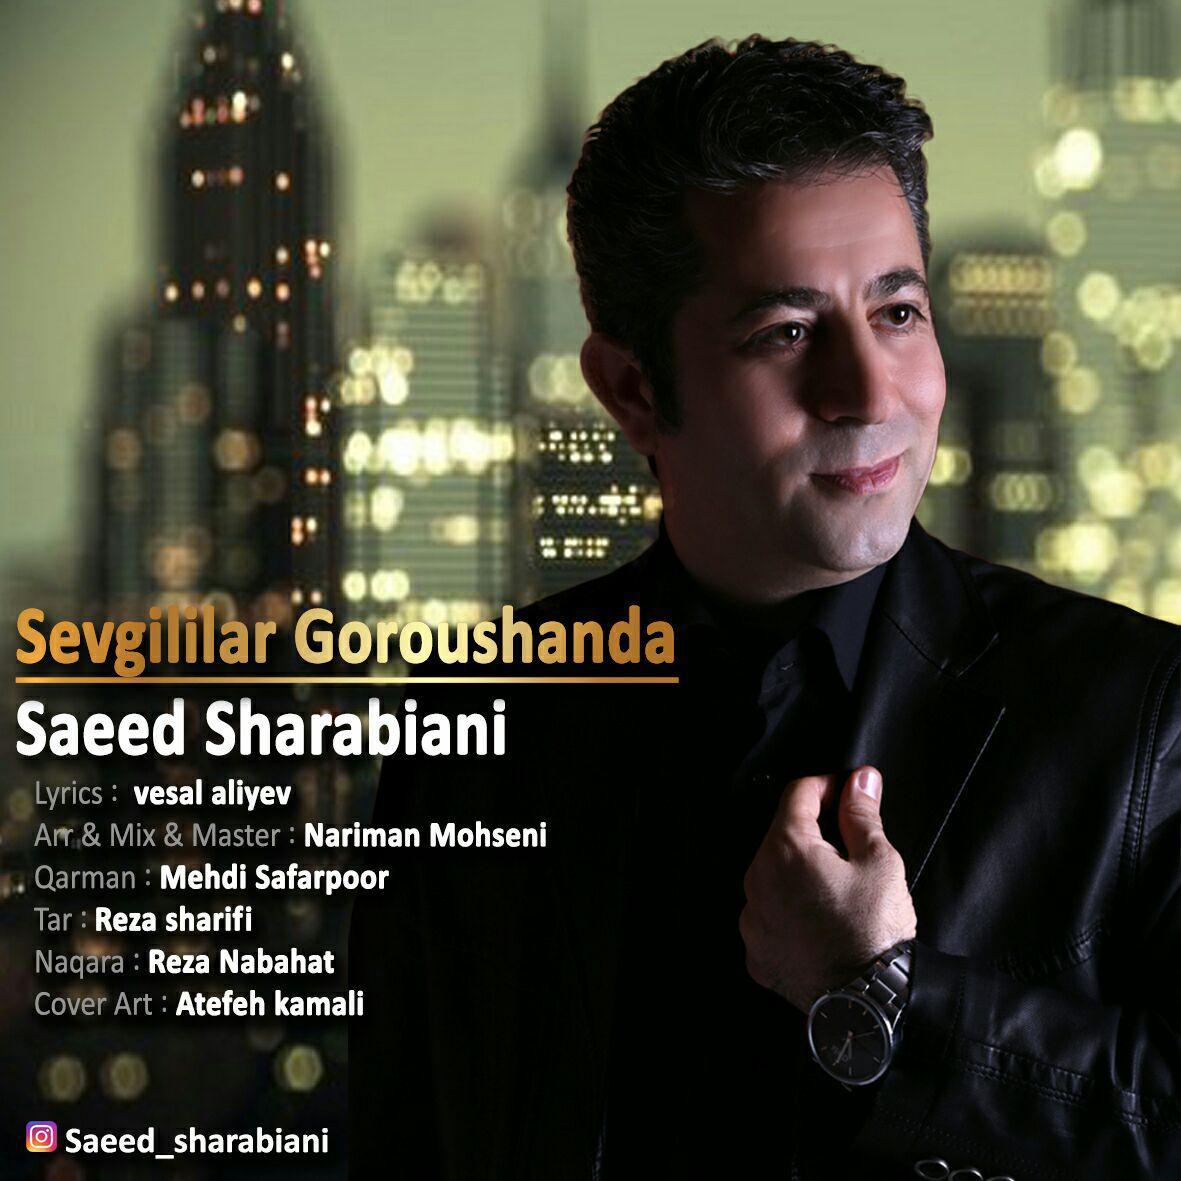 http://s9.picofile.com/file/8326903126/30Saeed_Sharabiani_Sevgililar_Goroushanda.jpg